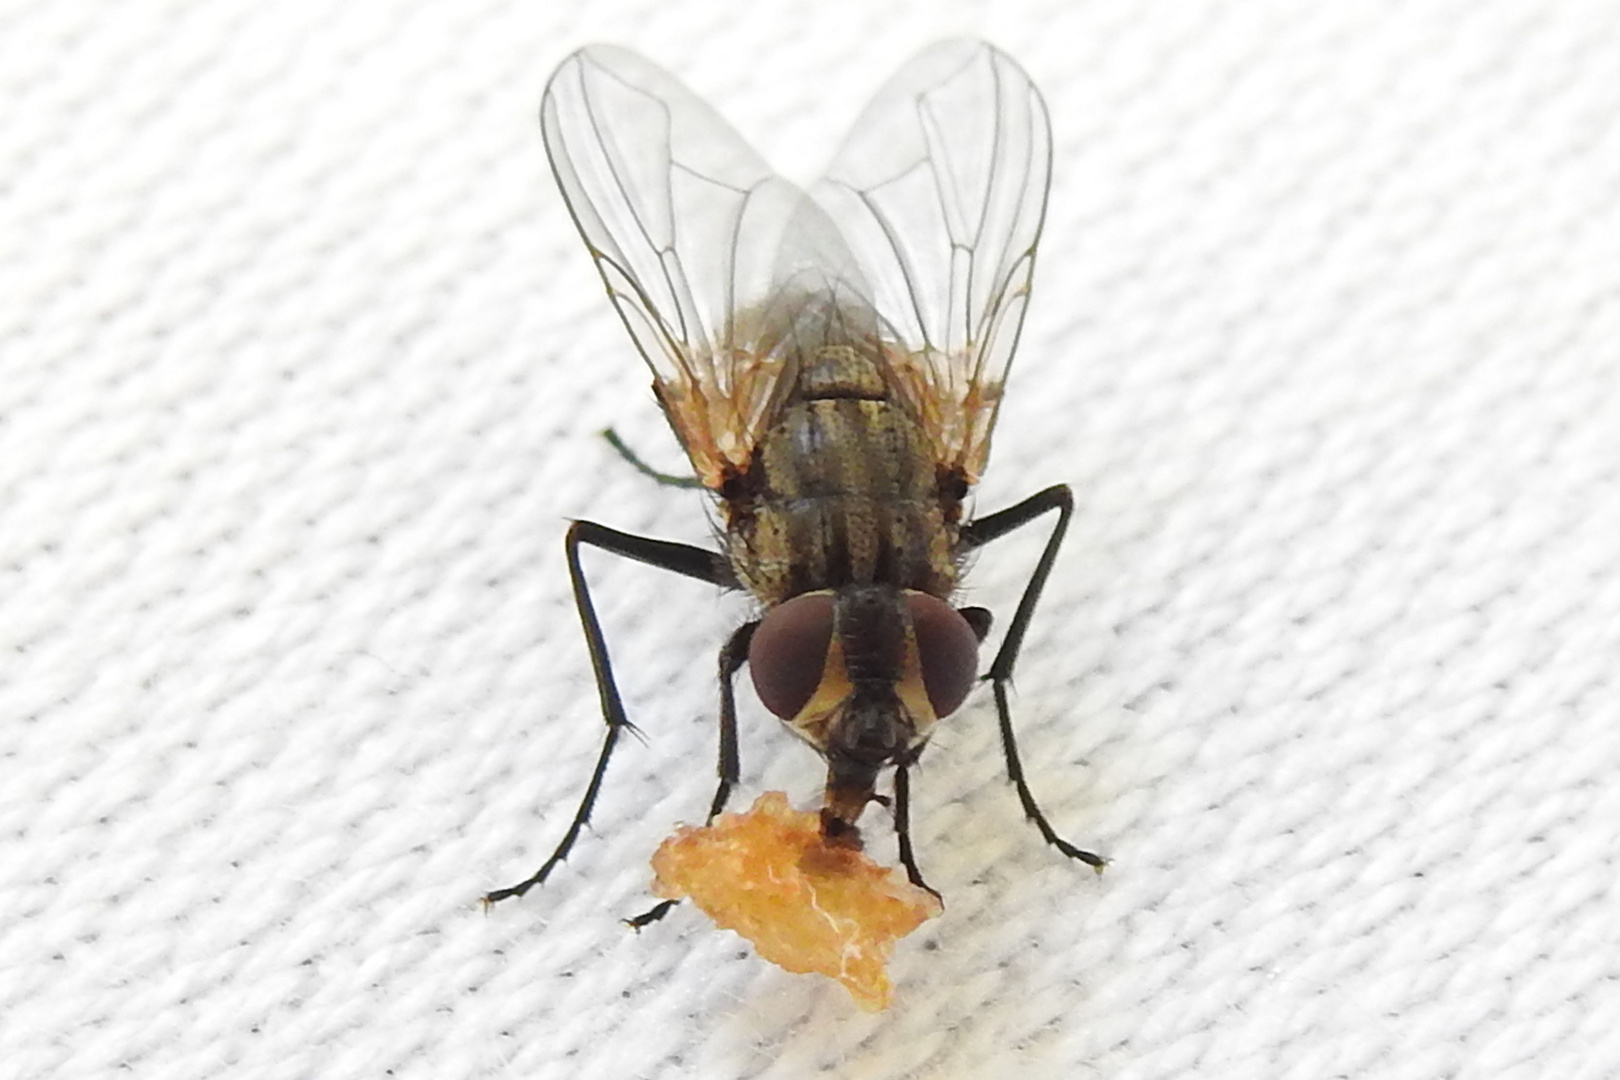 Die Fliege und der Krokantkrümel